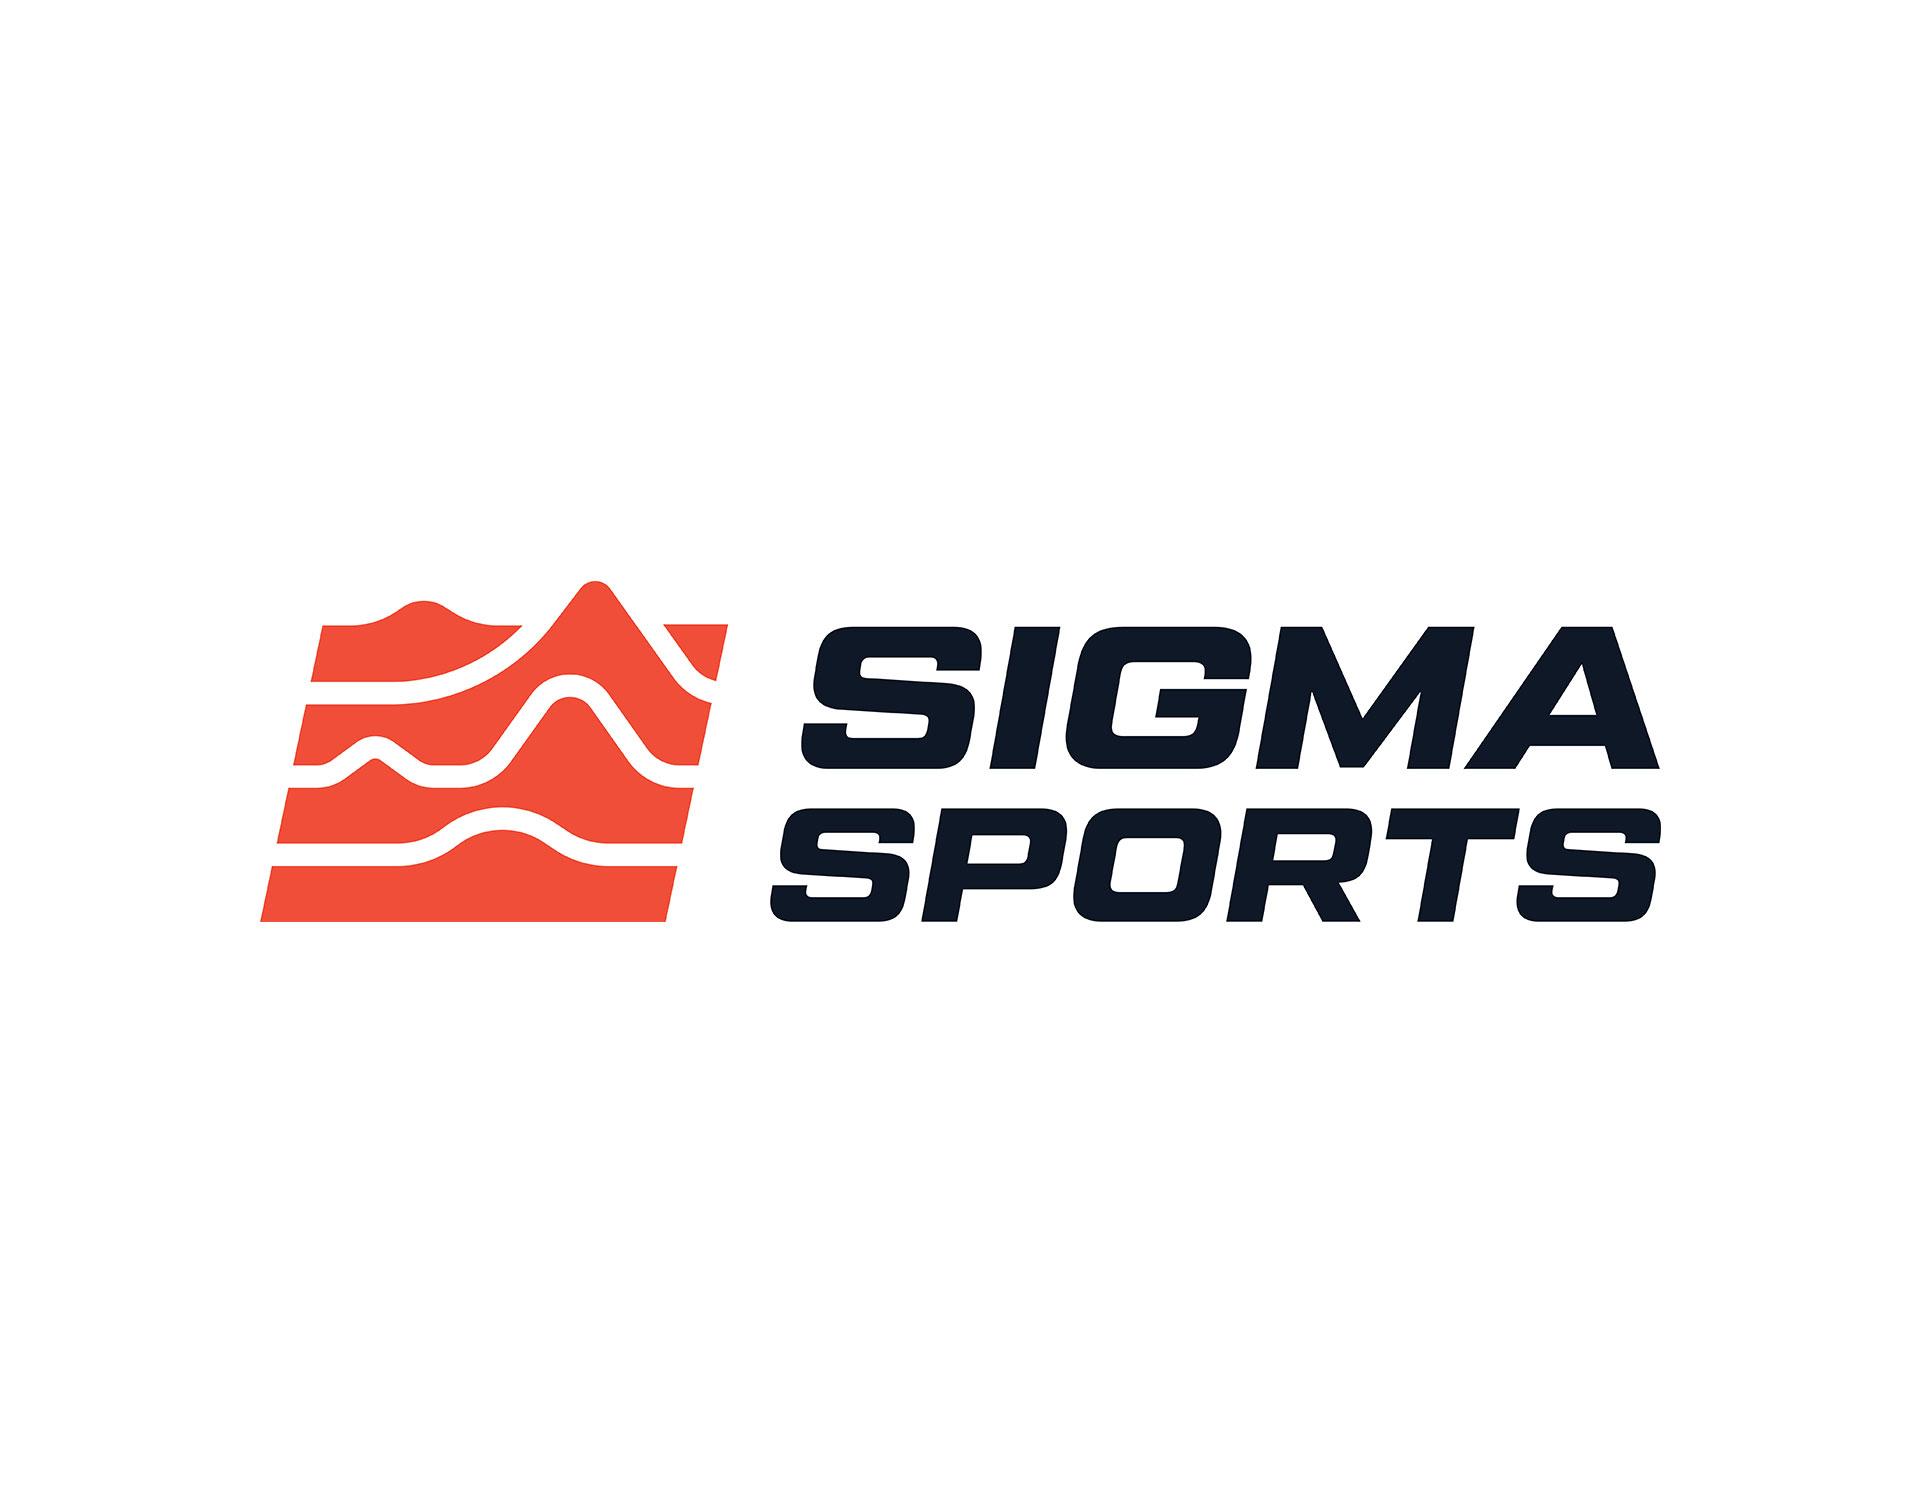 Sigma Sports New Logo